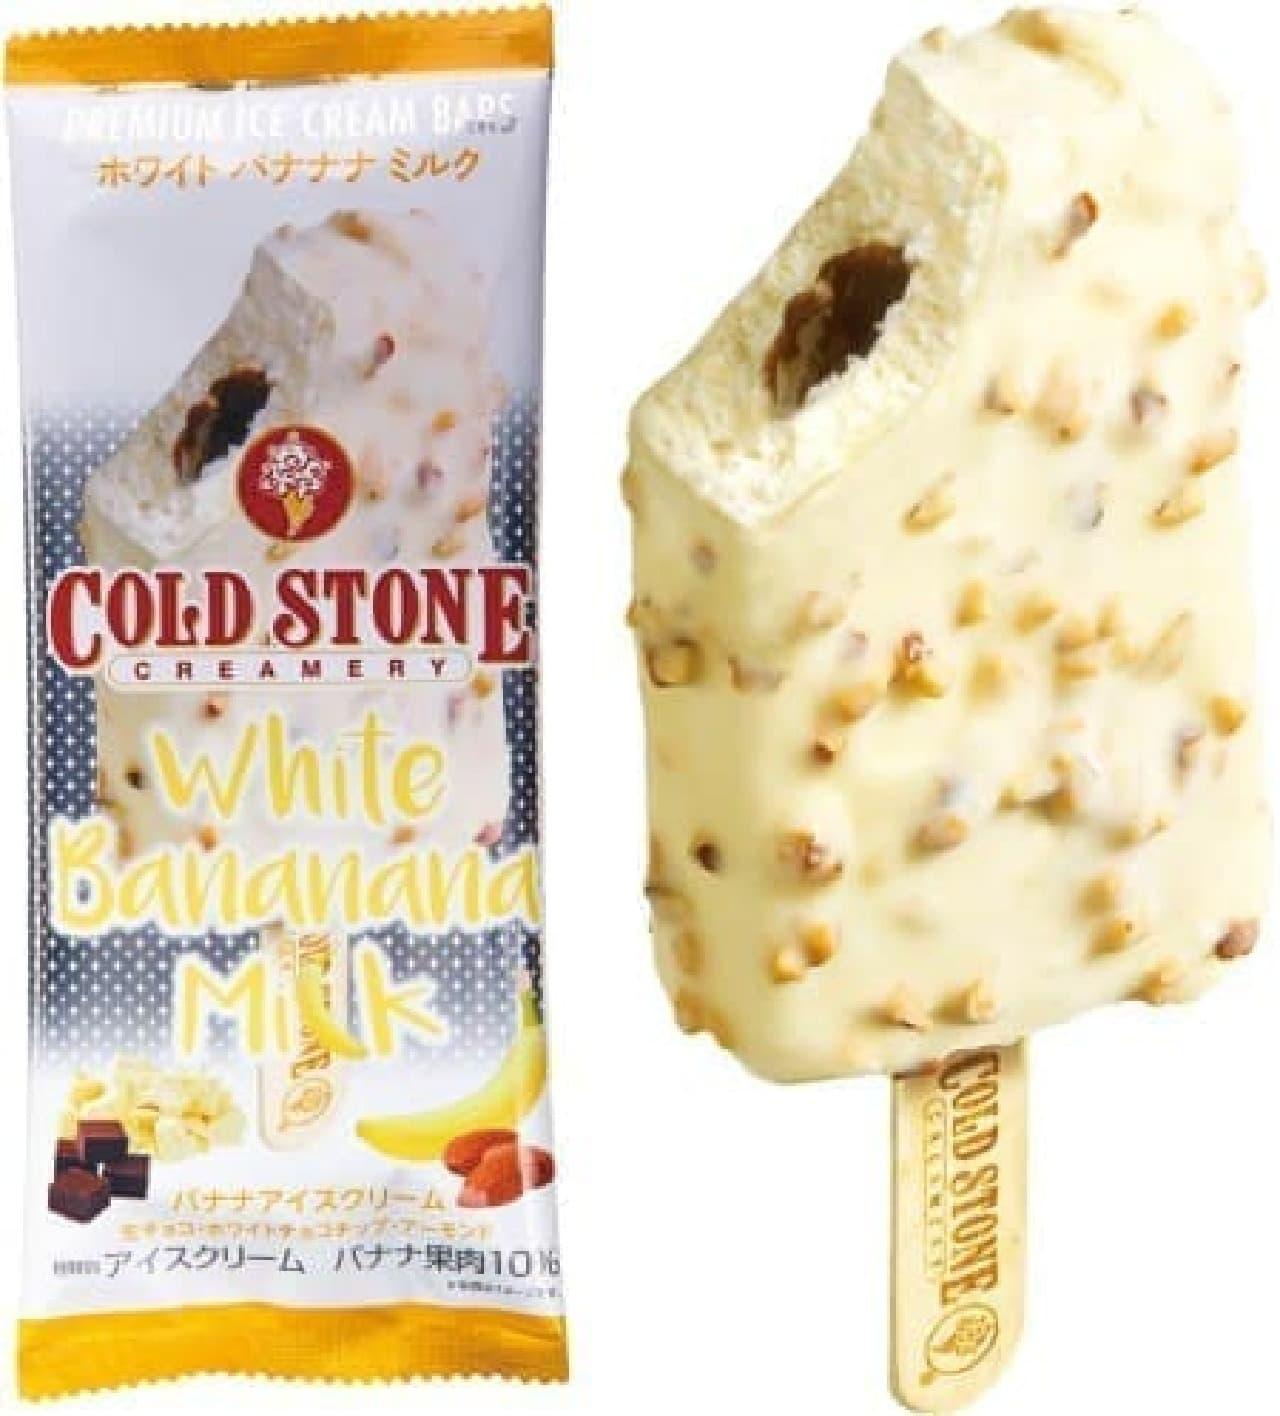 セブン-イレブン「コールド・ストーン・クリーマリー プレミアムアイスクリームバー ホワイト バナナナ ミルク」